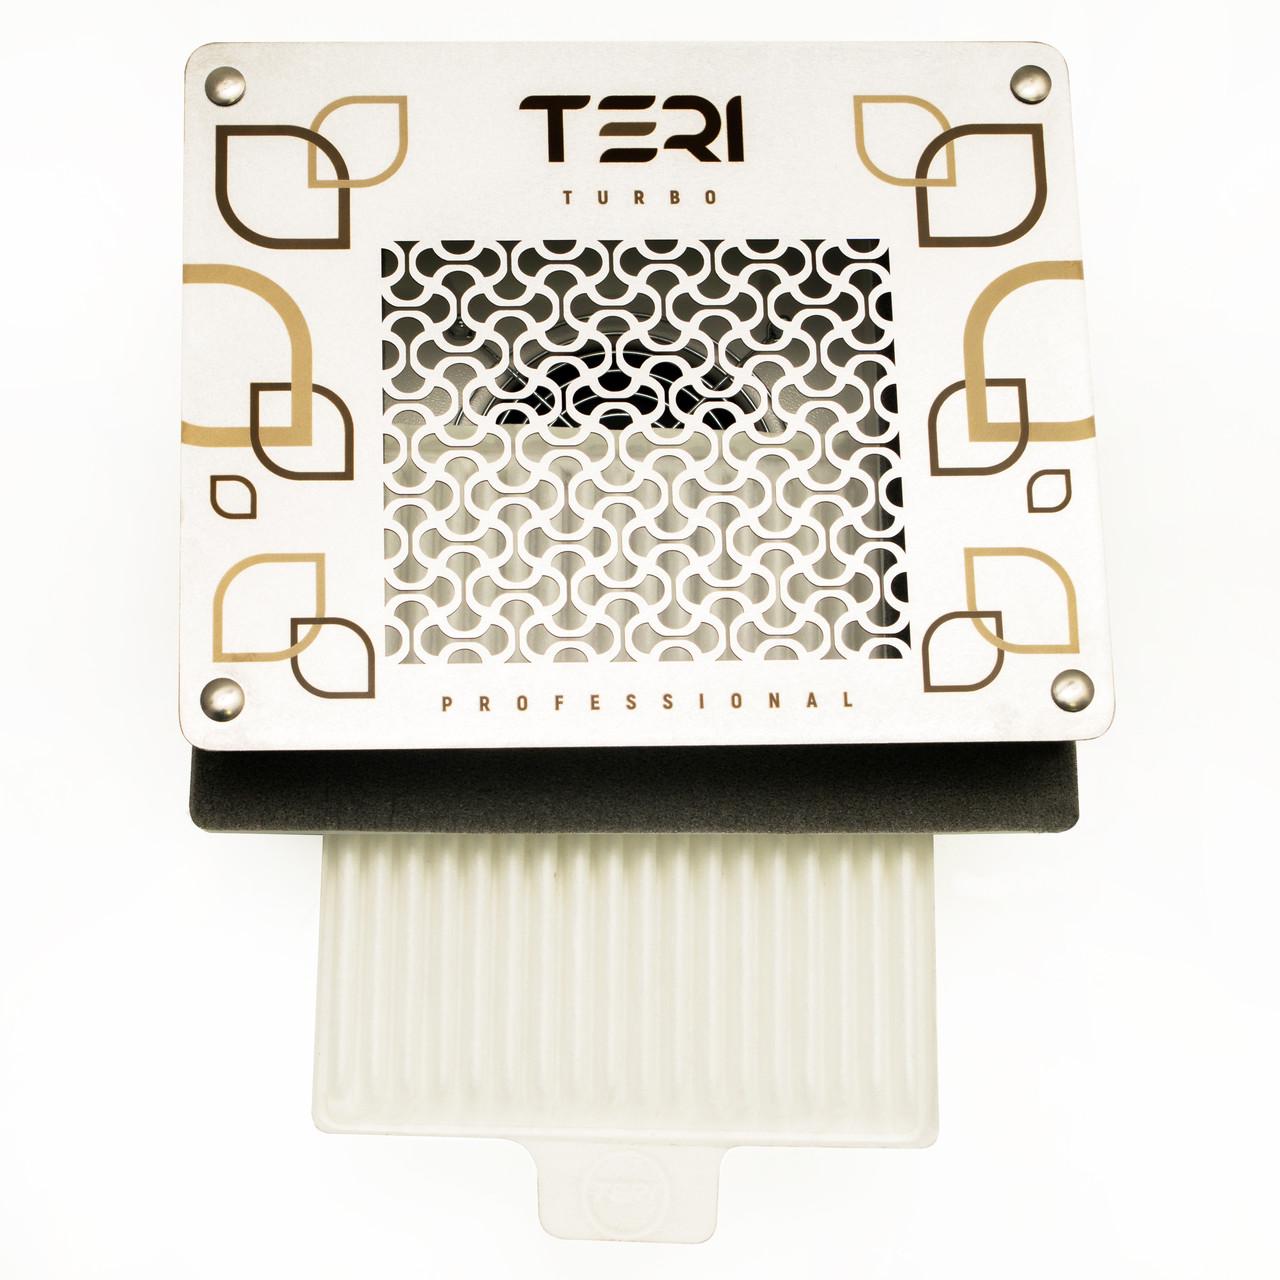 Витяжка для манікюру вбудована пилосос Teri Turbo професійна манікюрна витяжка з HEPA фільтром